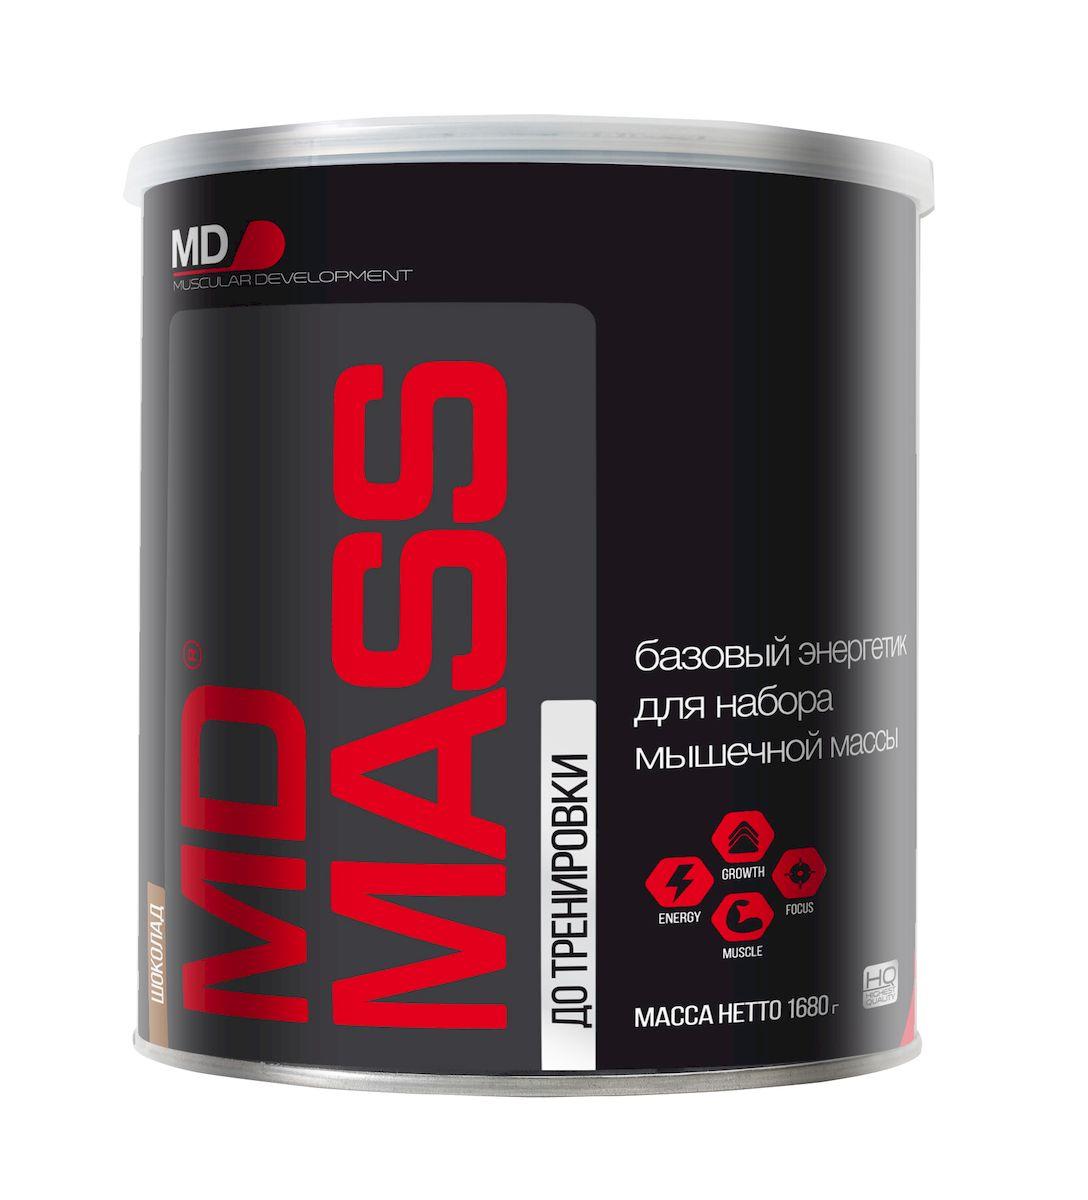 MD Энергетик Масс, 1,68 кг, шоколадныйO31601Базовый энергетик для набора мышечной массы MD Mass – формула для интенсивного набора сухой мышечной массы. MD Mass включает: Комплекс казеинатов молока, соевого и сывороточного белков, позволяющий сбалансировать аминокислотный профиль; смесь углеводов с пролонгированным временем расщепления; комплекс десяти витаминов; легкое смешивание без миксера;Состав: Белок 19 г на 10 столовых ложек (120г) с 400 мл воды, 31 г на 10 столовых ложек (120 г) с 400 мл 3% молока, углеводы 90 г на 10 столовых ложек (120г) с 400 мл воды, 109 г на 10 столовых ложек (120 г) с 400 мл 3% молока, Жир 4,2 г на 10 столовых ложек (120г) с 400 мл воды, 7,4 г 10 столовых ложек (120 г) с 400 мл 3% молока, калории 474 ккал на 10 столовых ложек (120г) с 400 мл воды, 707 ккал 10 столовых ложек (120 г) с 400 мл 3% молока, кальций 0,51 г на 10 столовых ложек (120г) с 400 мл воды, 0,87 г на 10 столовых ложек (120 г) с 400 мл 3% молока, магний 0,08 г на 10 столовых ложек (120г) с 400 мл воды, 0,13 г на 10 столовых ложек (120 г) с 400 мл 3% молока, натрий 250 мг на 10 столовых ложек (120г) с 400 мл воды, 450 мг 10 столовых ложек (120 г) с 400 мл 3% молока, калий 240 мг на 10 столовых ложек (120г) с 400 мл воды, 300 мг 10 столовых ложек (120 г) с 400 мл 3% молока,Фосфор 420 мг на 10 столовых ложек (120г) с 400 мл воды, 740мг на 10 столовых ложек (120 г) с 400 мл 3% молока. Добавленные витамины: Витамин C 79мг, витамин E 19,8мг, витамин B1 2,7мг, витамин B2 2,5мг, витамин B6 3,5мг, витамин B12 1,5мкг, витамин B3 23,5мг, витамин H 0,19мг, пантотеновая кислота 15,1мг, фолиевая кислота 0,53мг. Аминокислотный состав (на 100 г белка) Аланин 4230 мг, аргинин 4200 мг, аспарагиновая кислота 8070 мг, цистеин 670 мг, глютаминовая кислота 16570 мг, глицин 3870 мг,* гистидин 2130 мг, * изолейцин 4900 мг, * лейцин 6730 мг, * лизин 6170 мг, * метионин 1570 мг, * фенилаланин 3600 мг, пролин 6430 мг, серин 5930 мг.